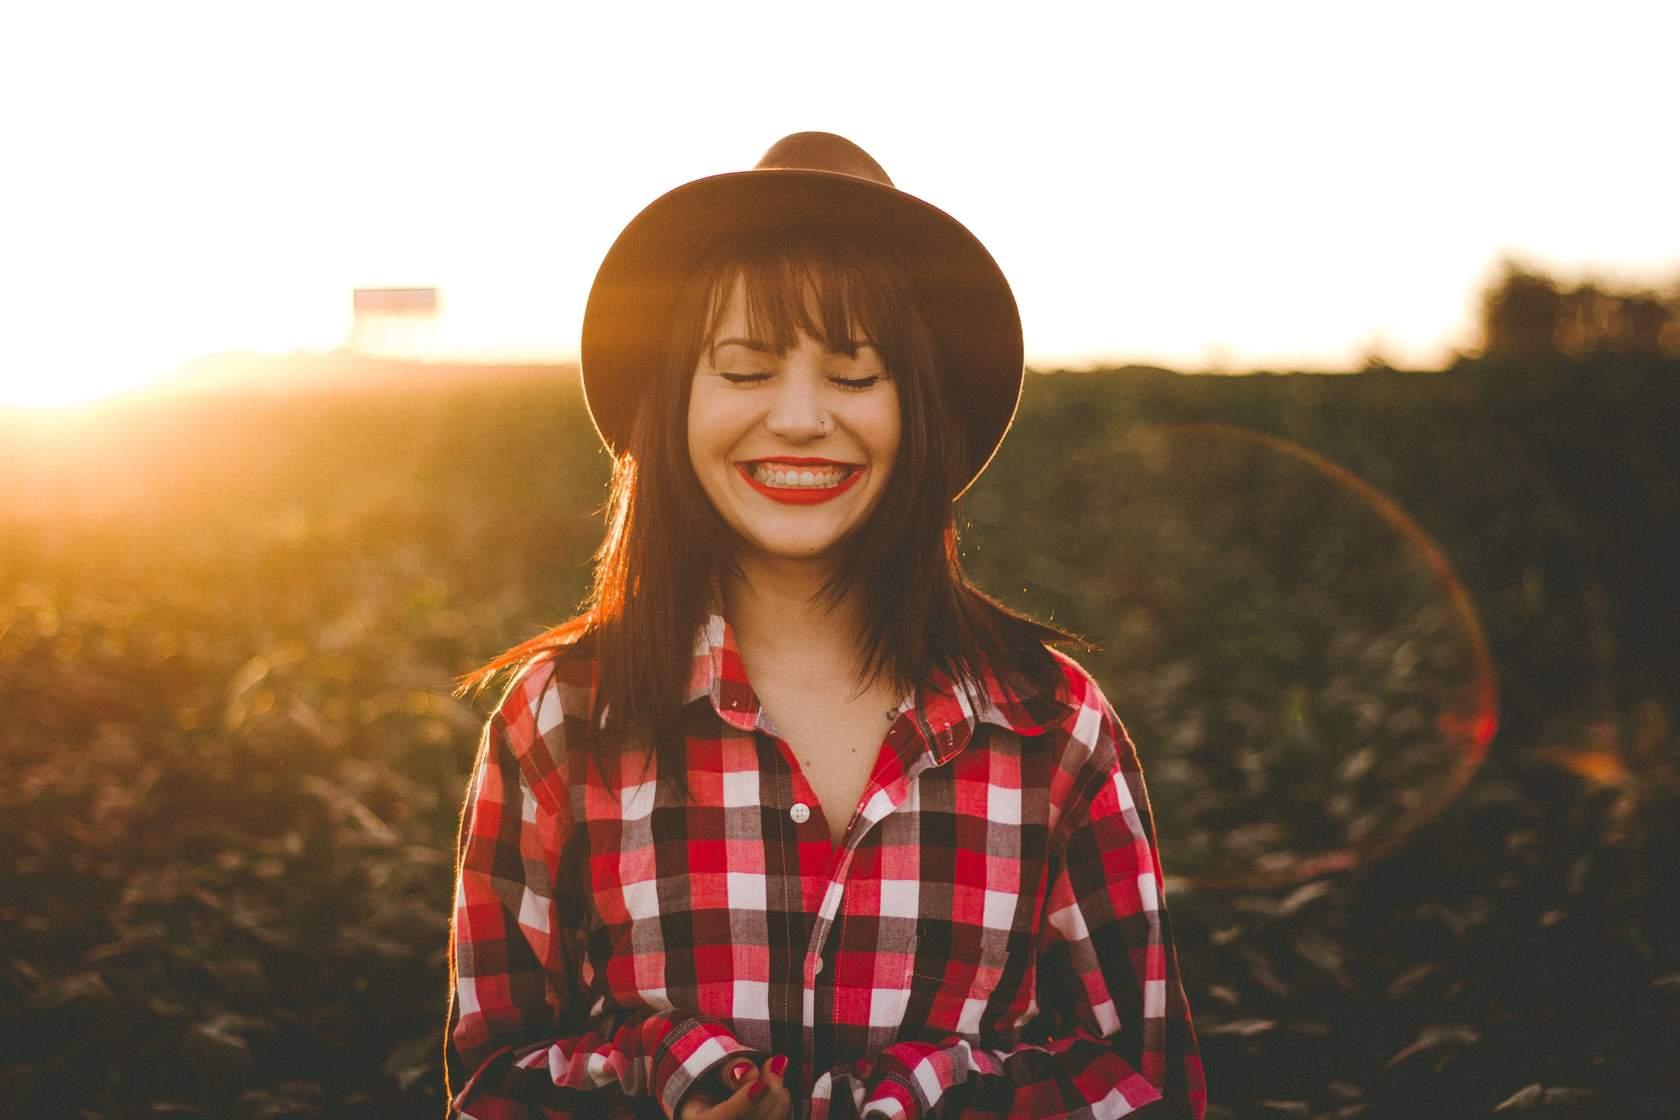 Mujer en un campo sonriendo